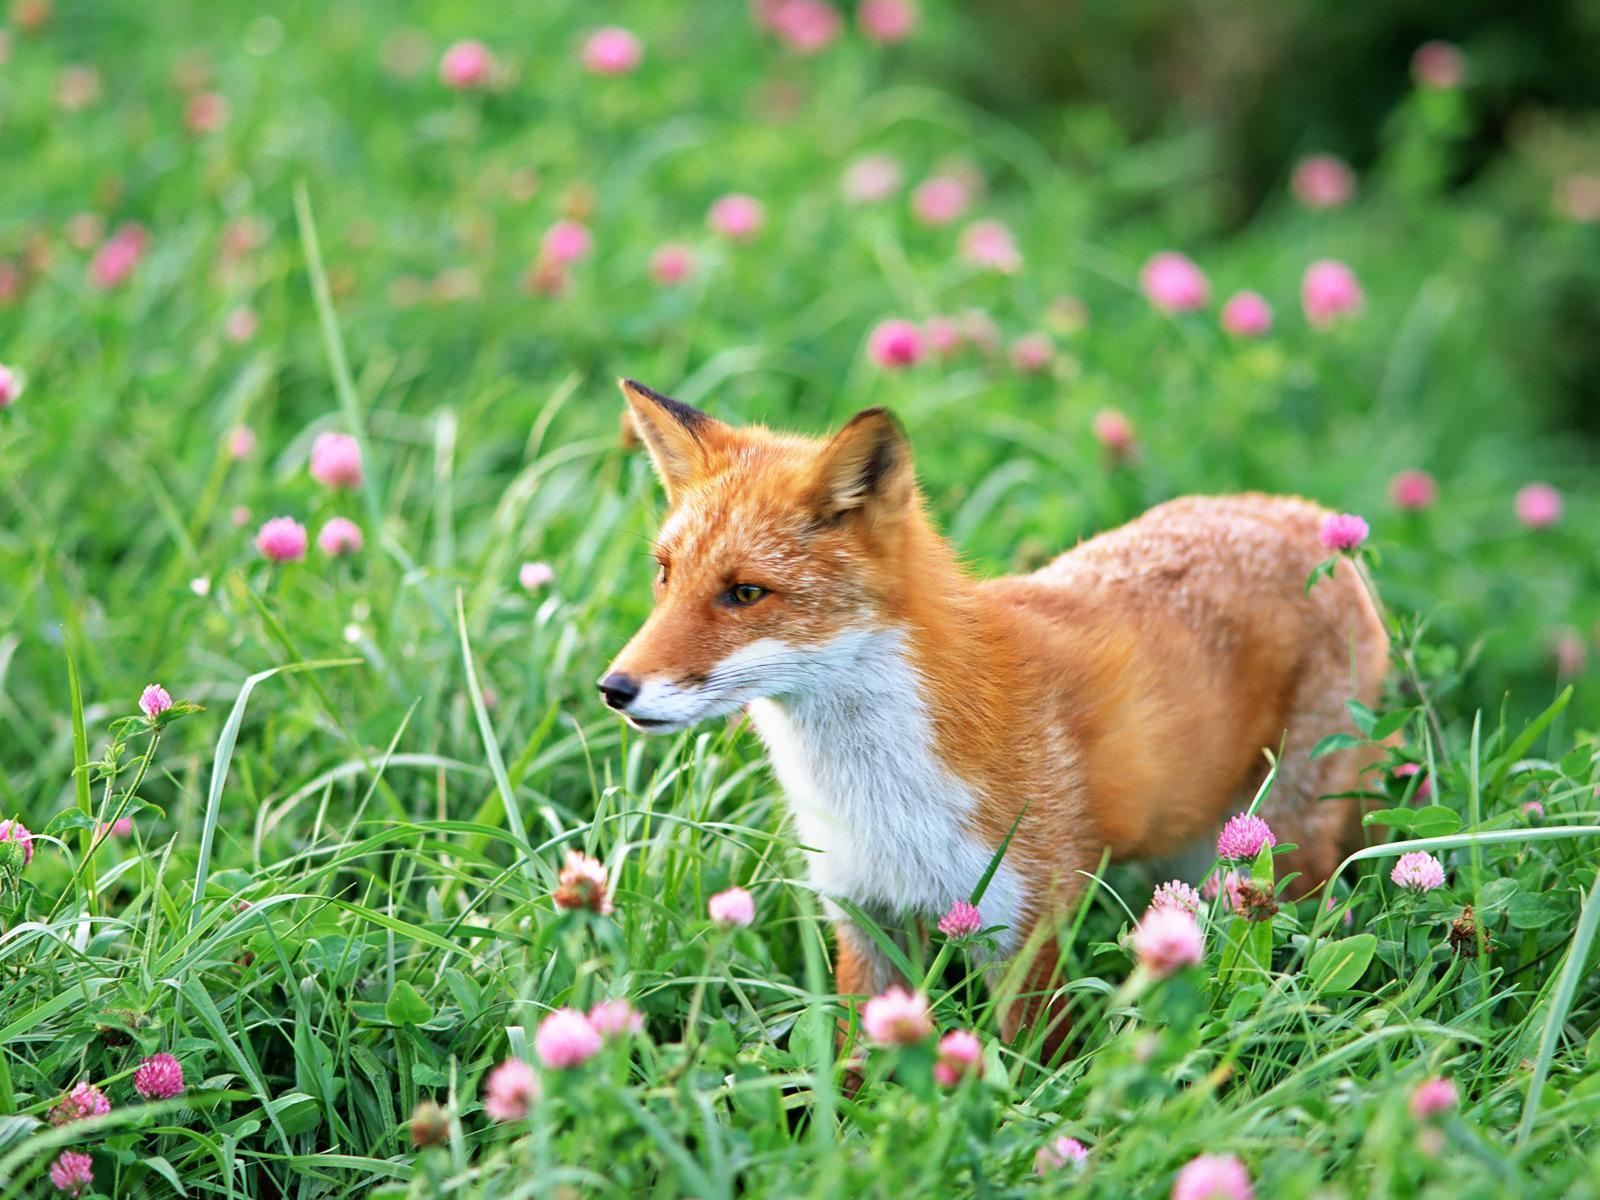 Adorable Baby Fox